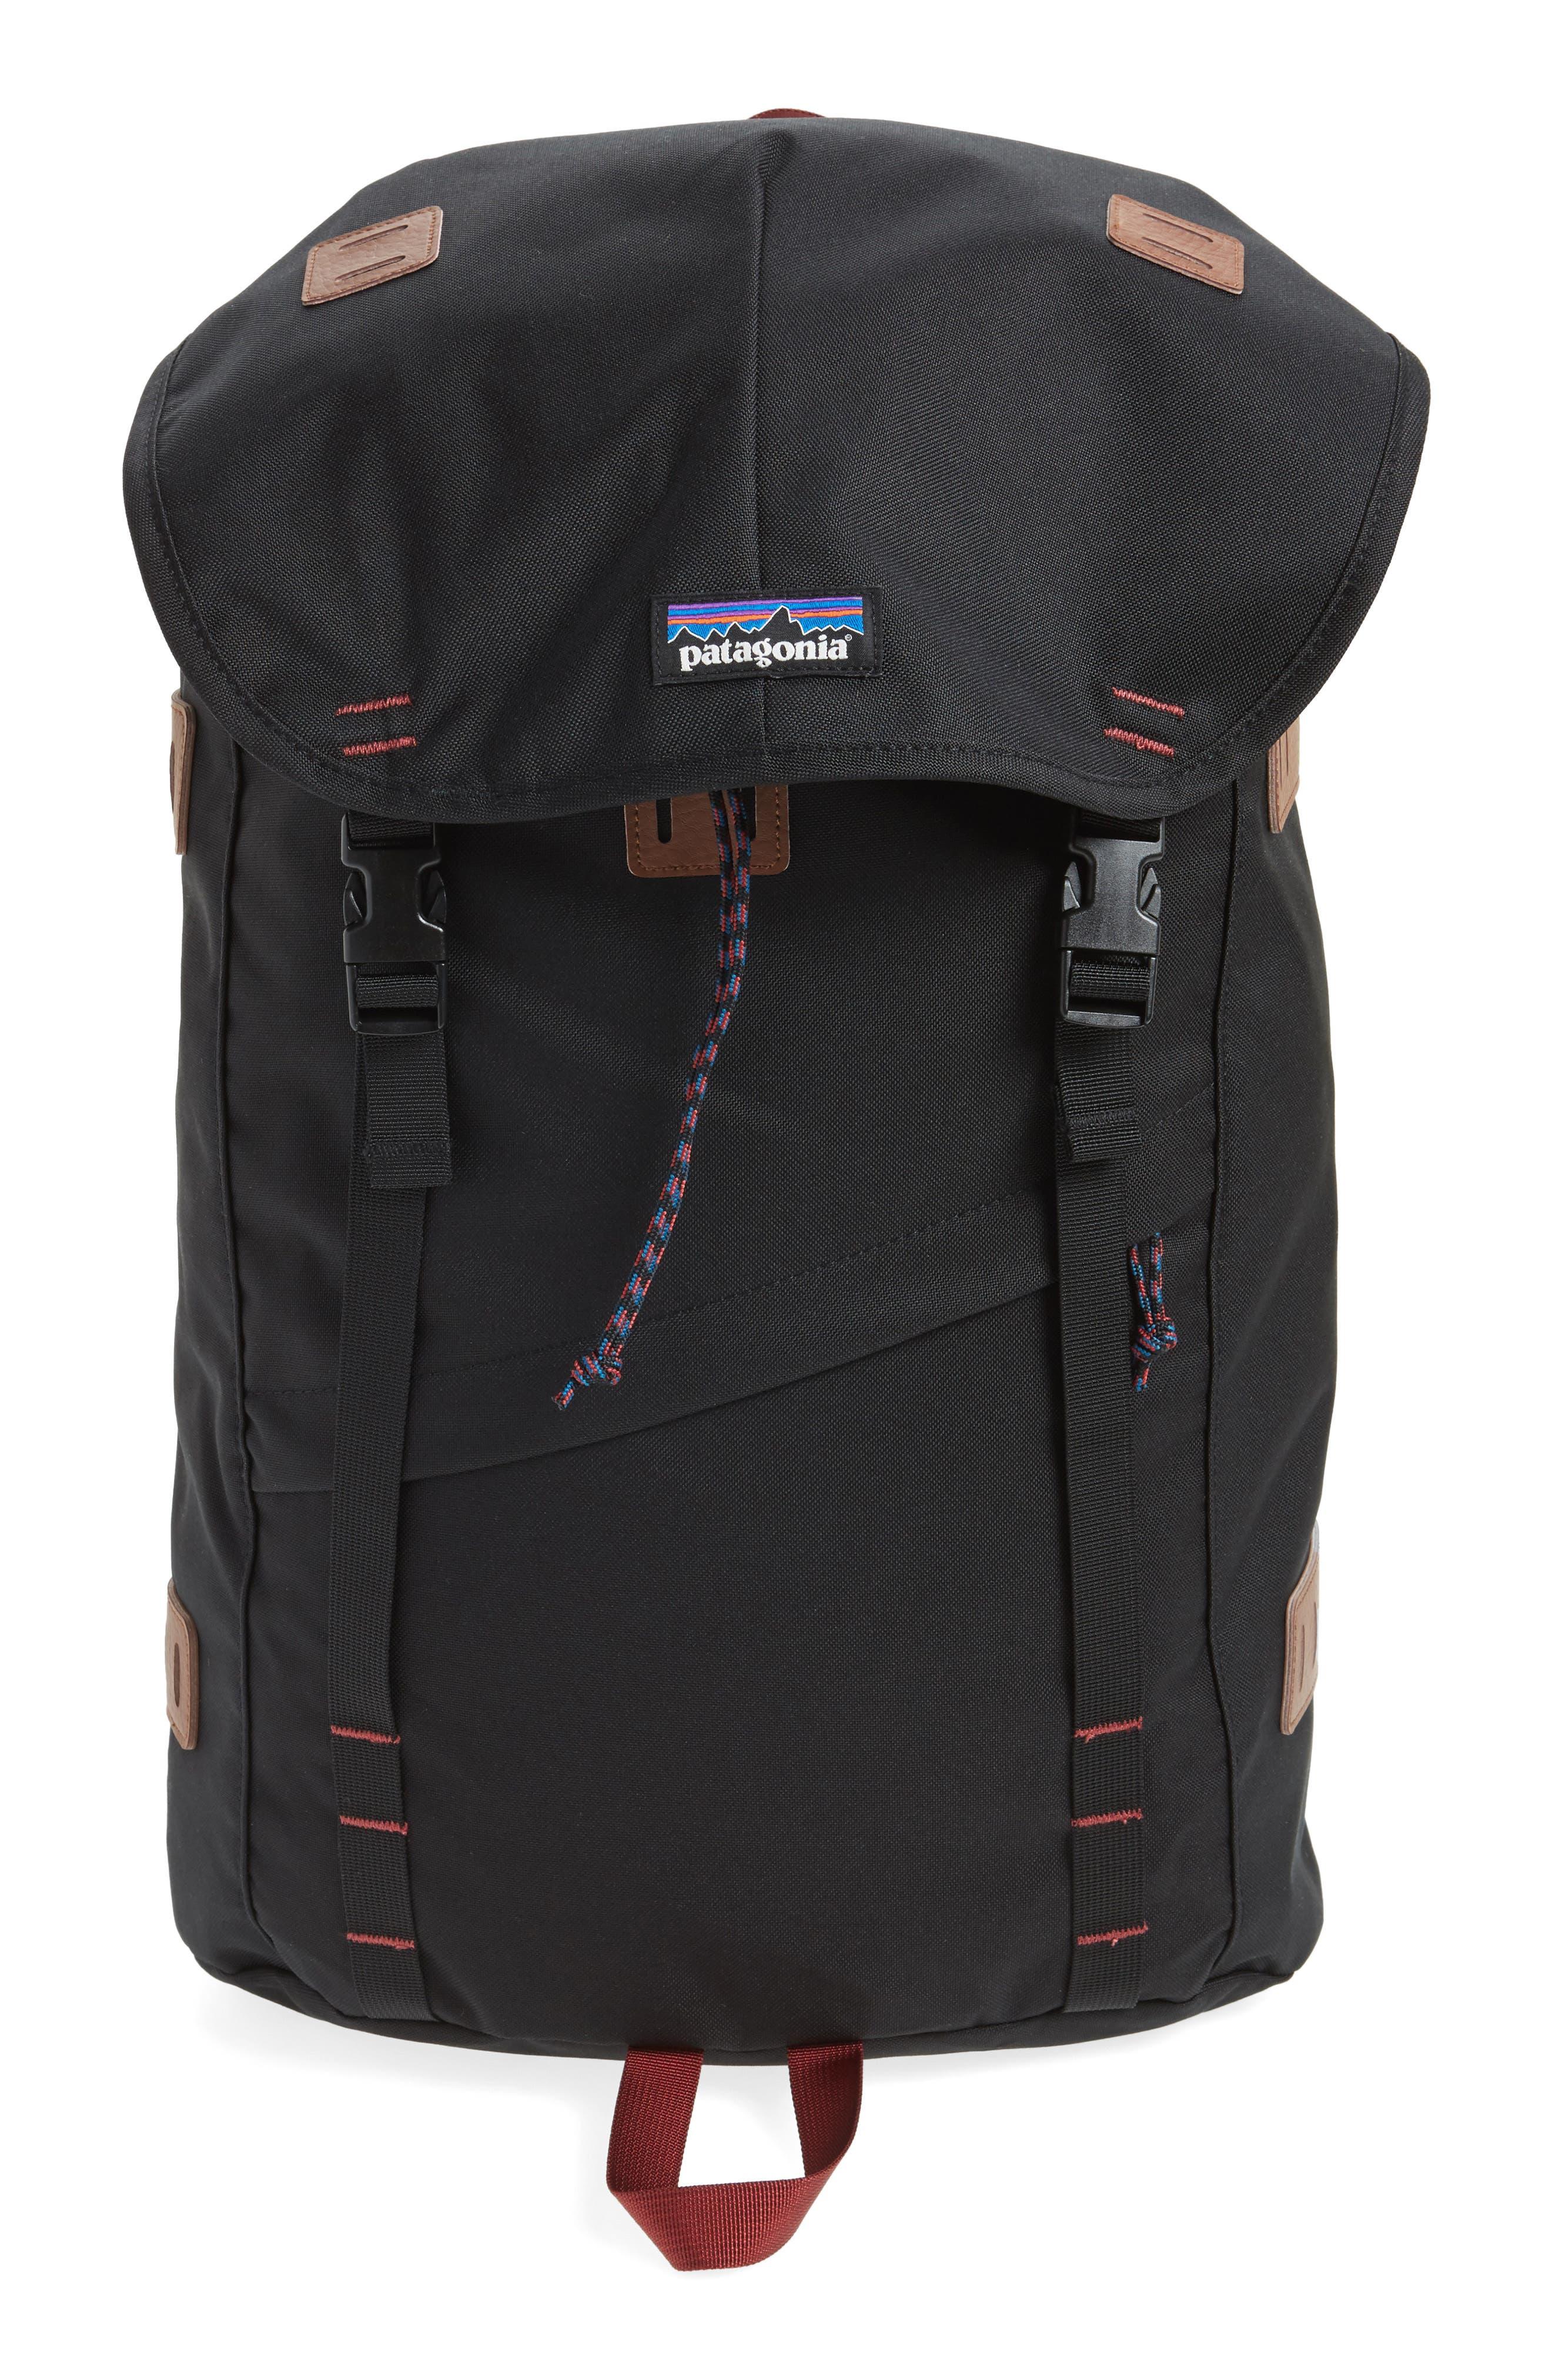 PATAGONIA Arbor 26-Liter Backpack, Main, color, 001